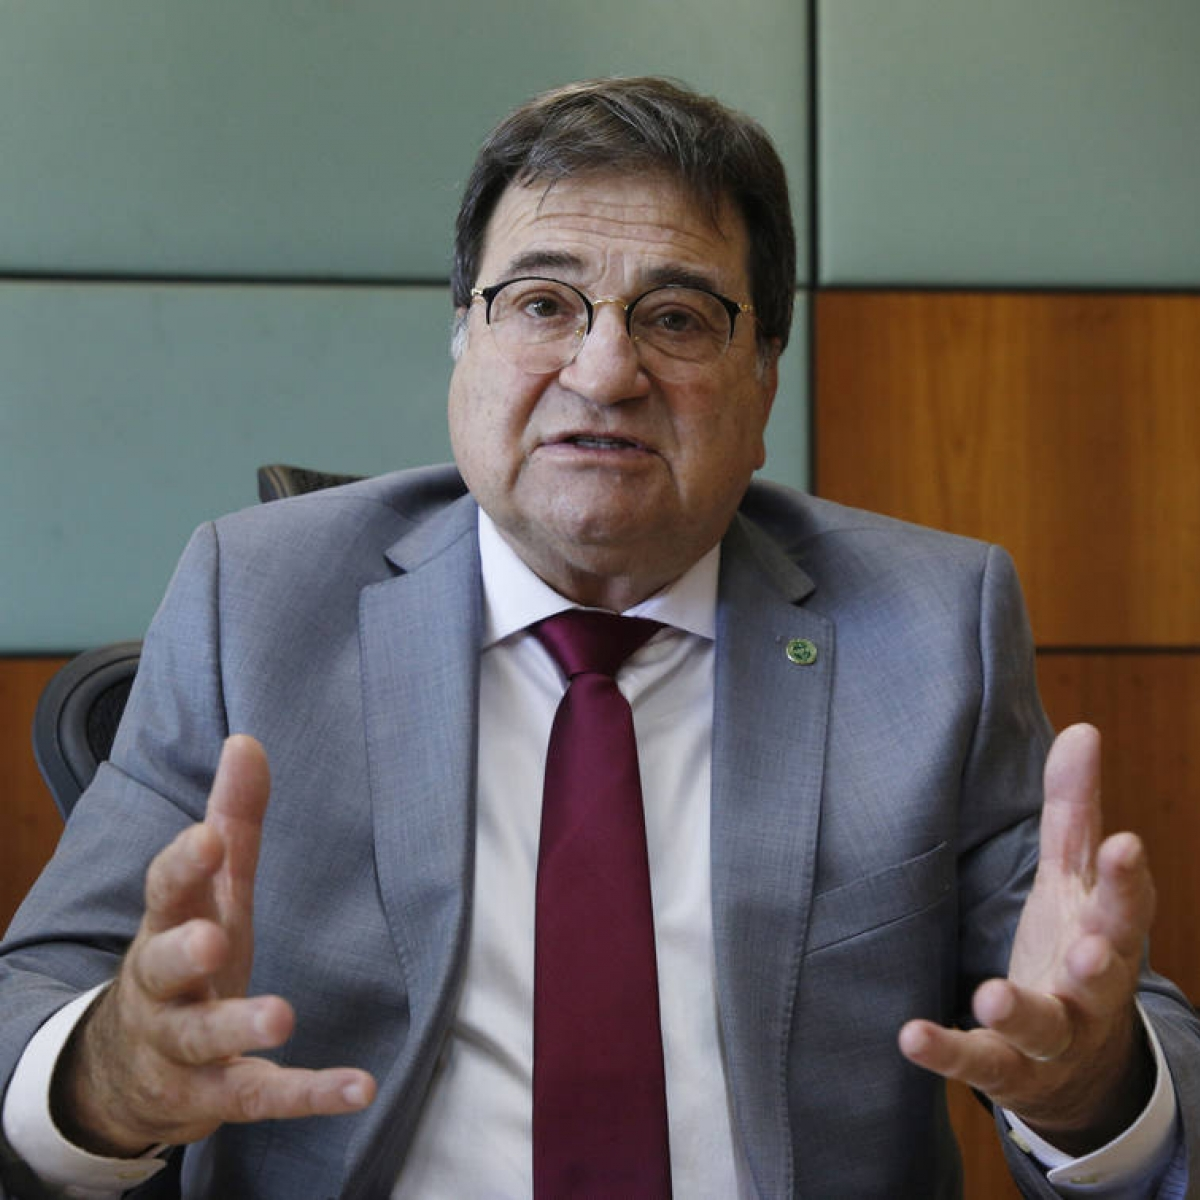 Deputado federal Cesar Hanna Halum (Republicanos-TO), licenciado para assumir a SPA/Mapa, coordenará o Comitê de Crise. (Fonte: Estadão/reprodução)